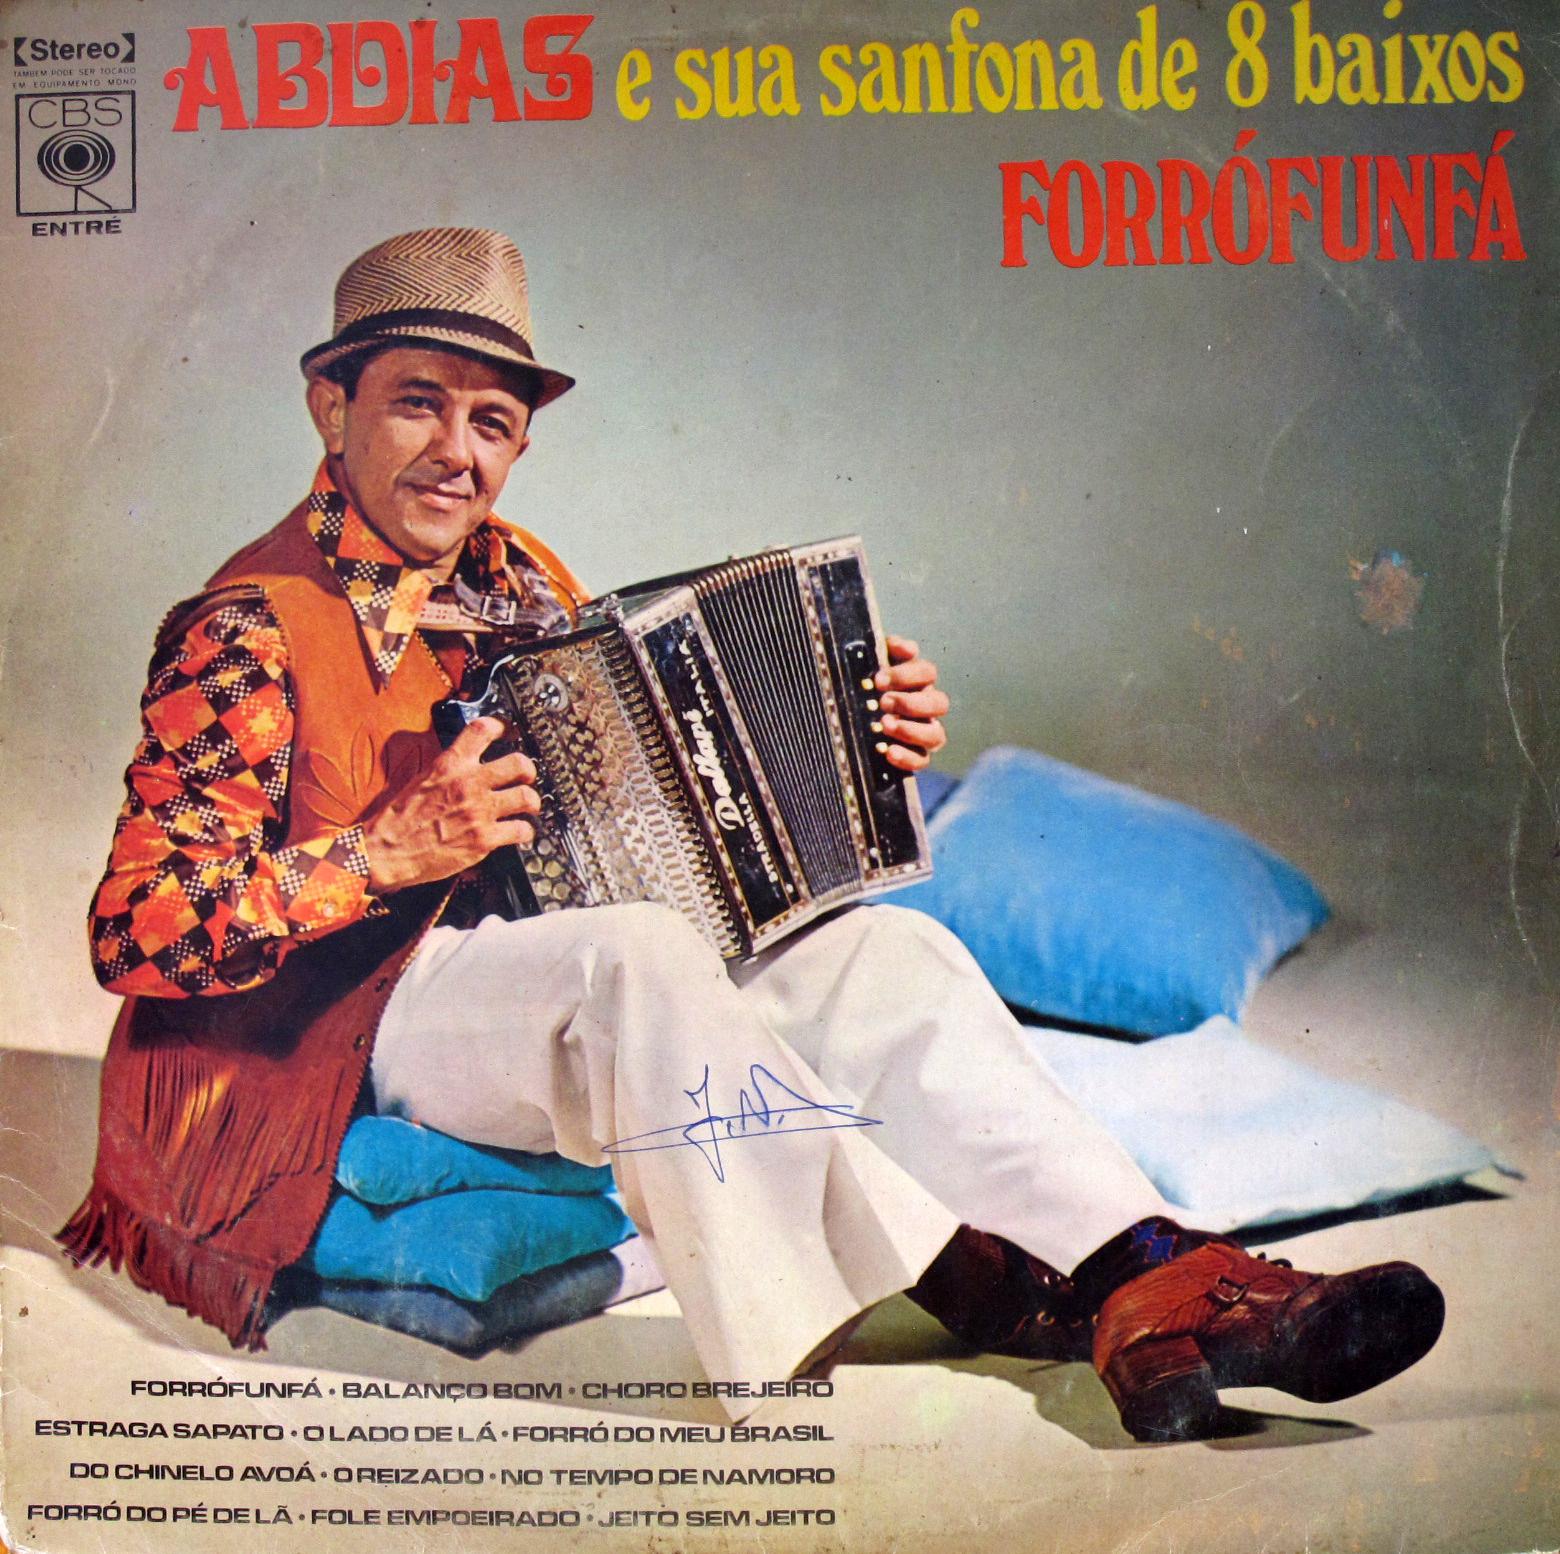 GRATIS BERENICE BAIXAR MUSICAS AZAMBUJA